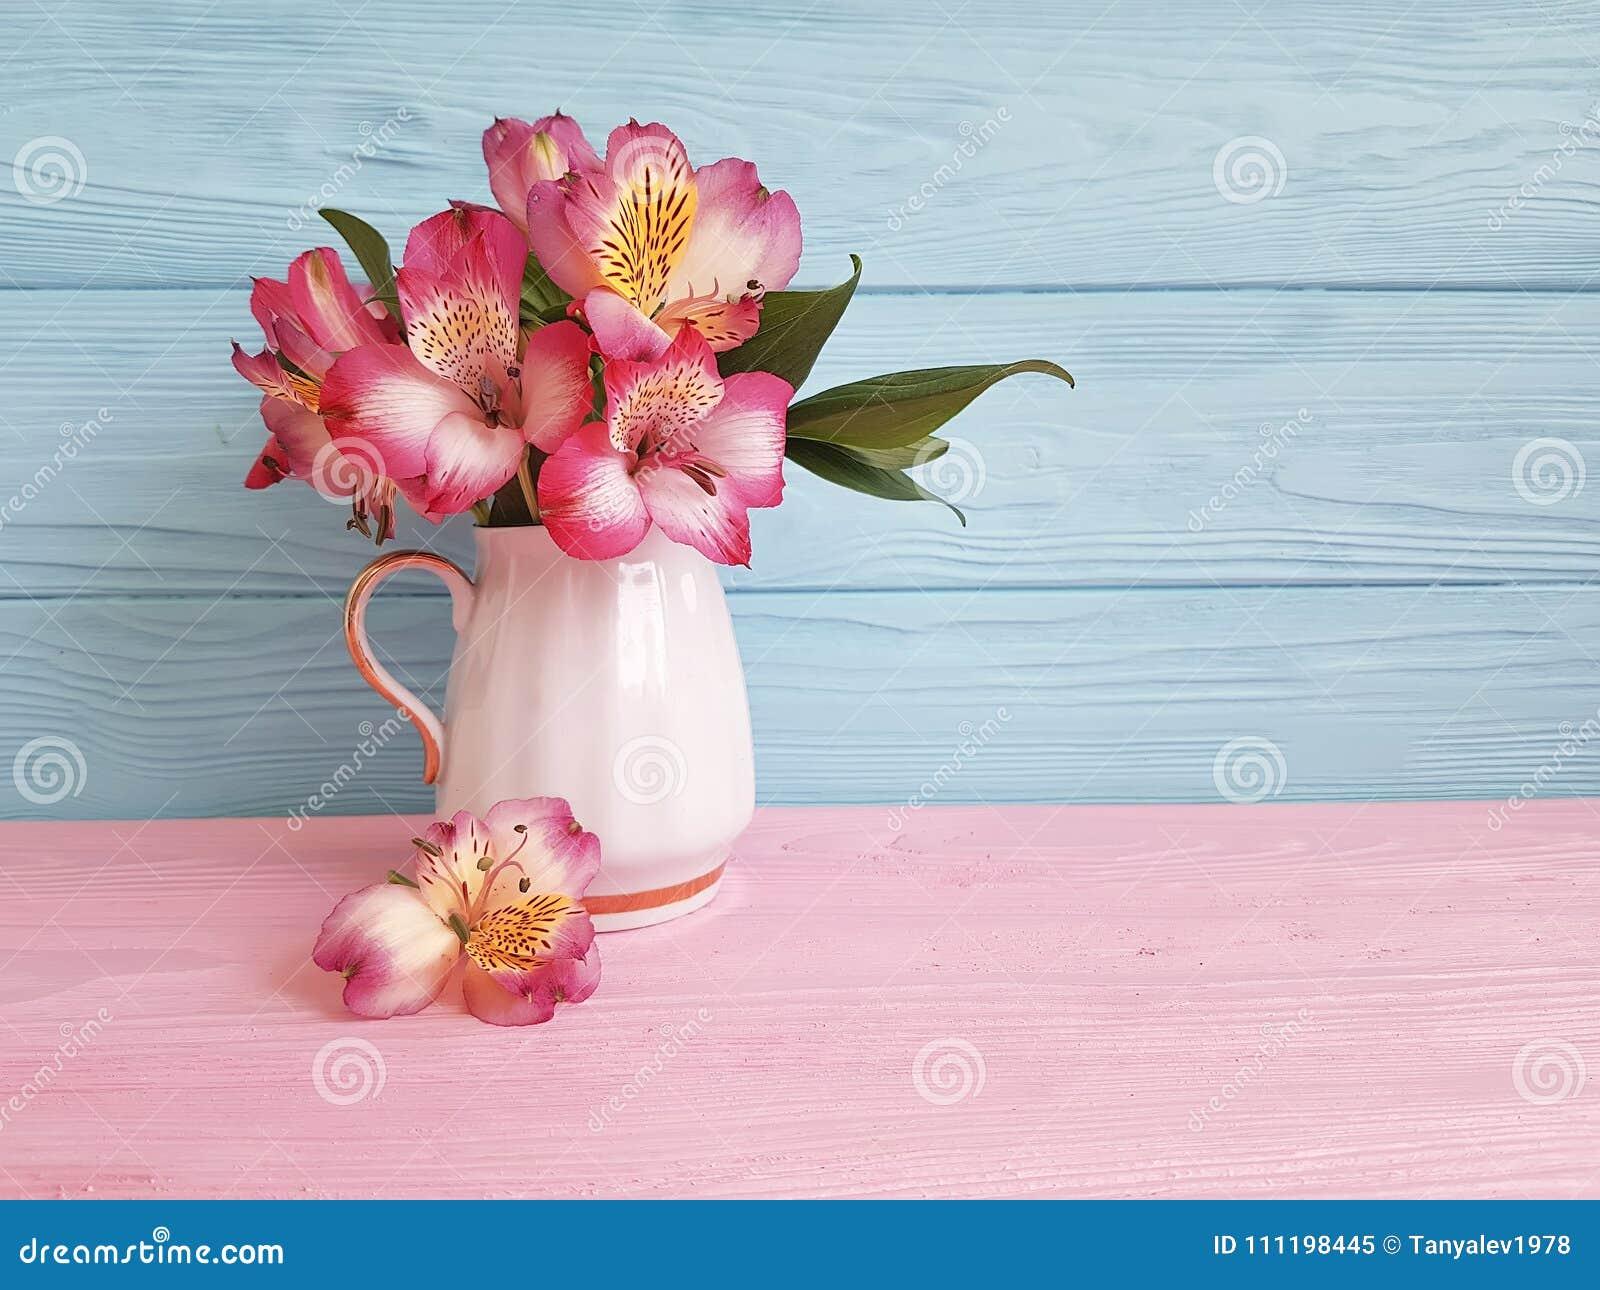 花瓶花春天叶子德国锥脚形酒杯季节性在一个木安排